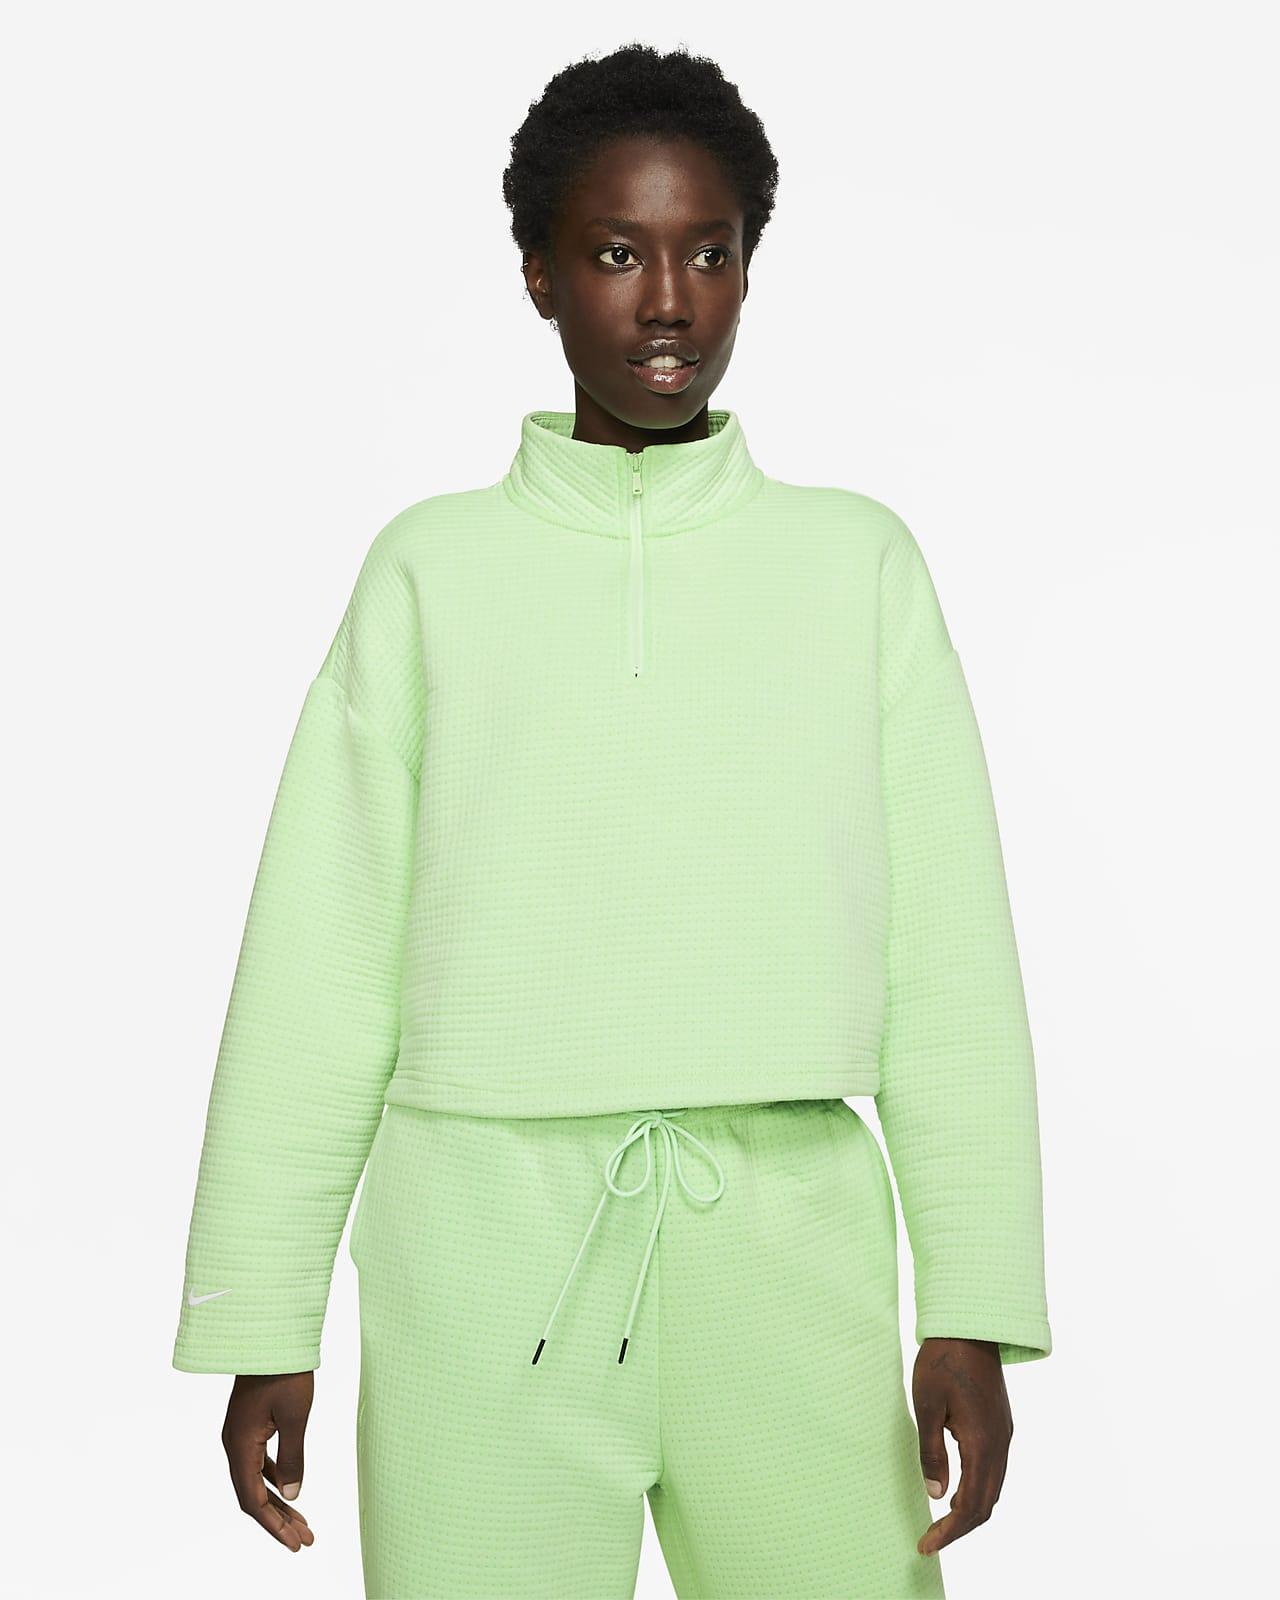 Nike Sportswear Tech Fleece Women S 1 4 Zip Top Nike Com